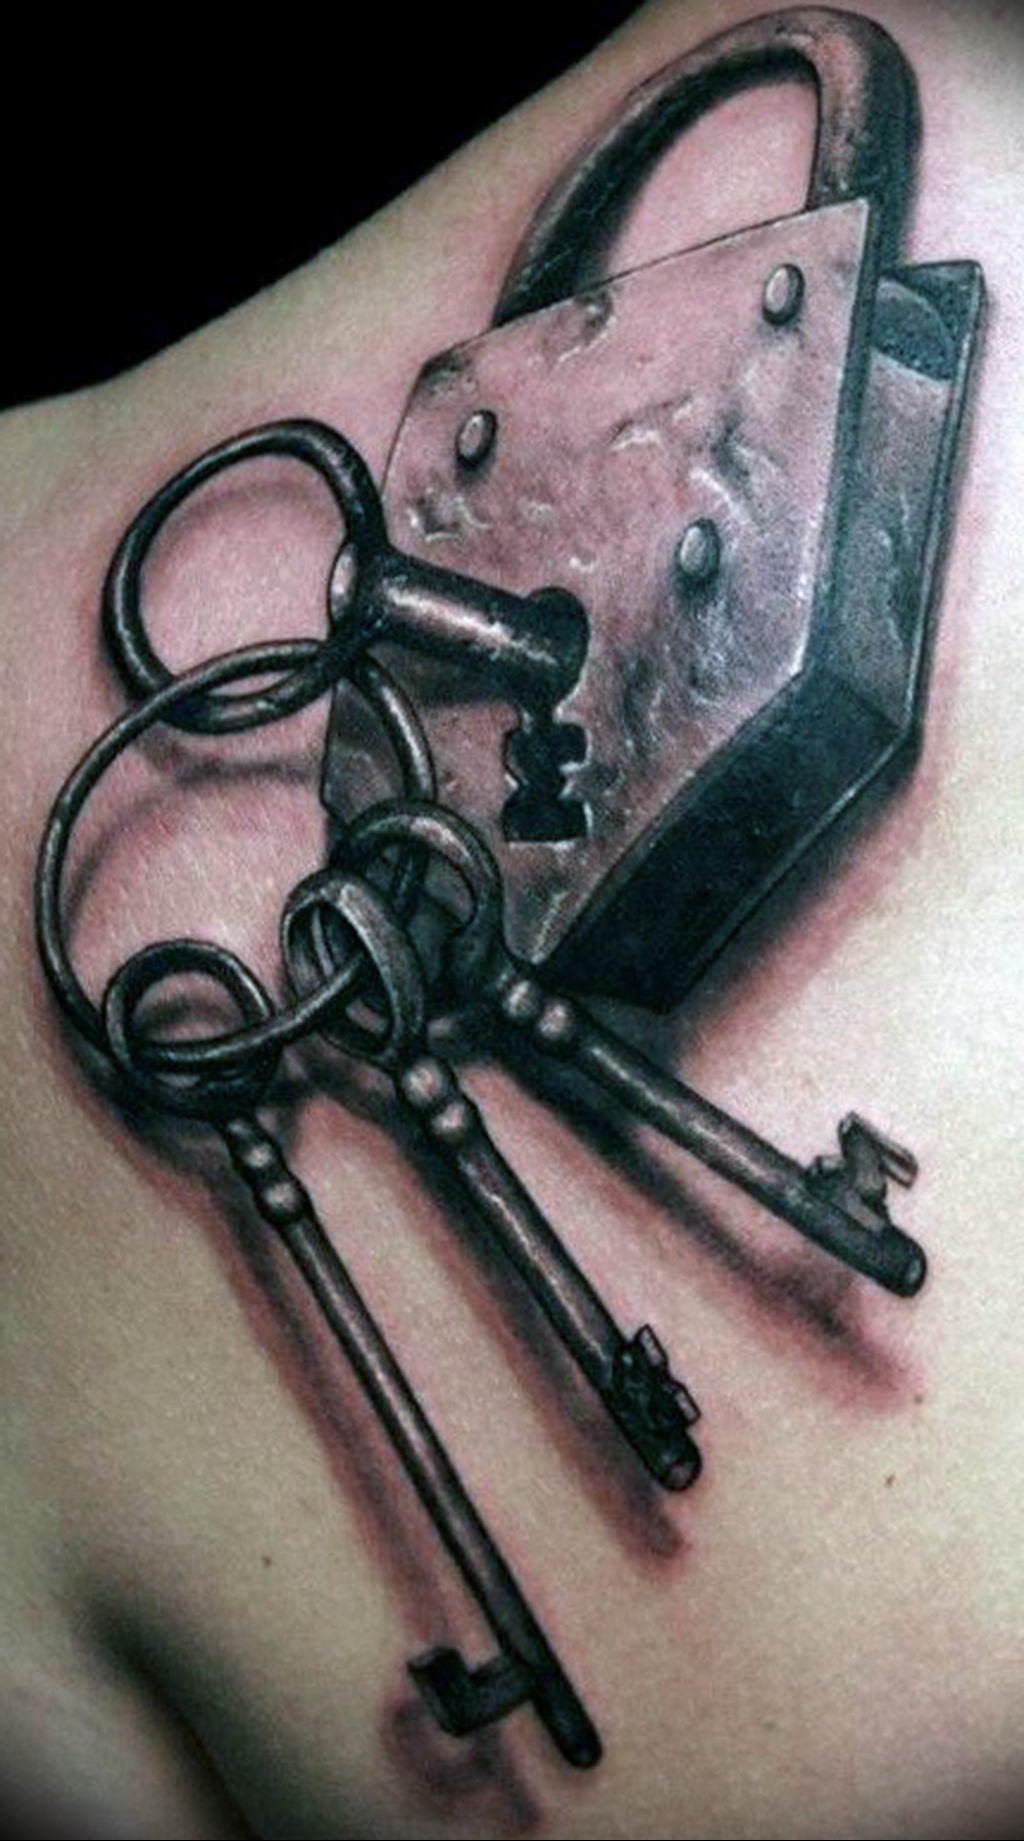 Фото тату замок и ключ 21.08.2019 №014 - tattoo lock and key - tatufoto.com